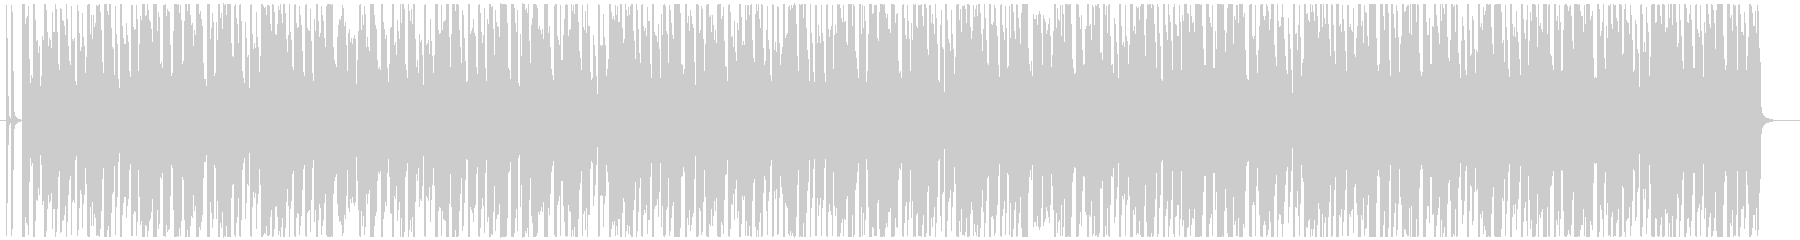 アーバンな4つ打ちボーイズK-POPの未再生の波形